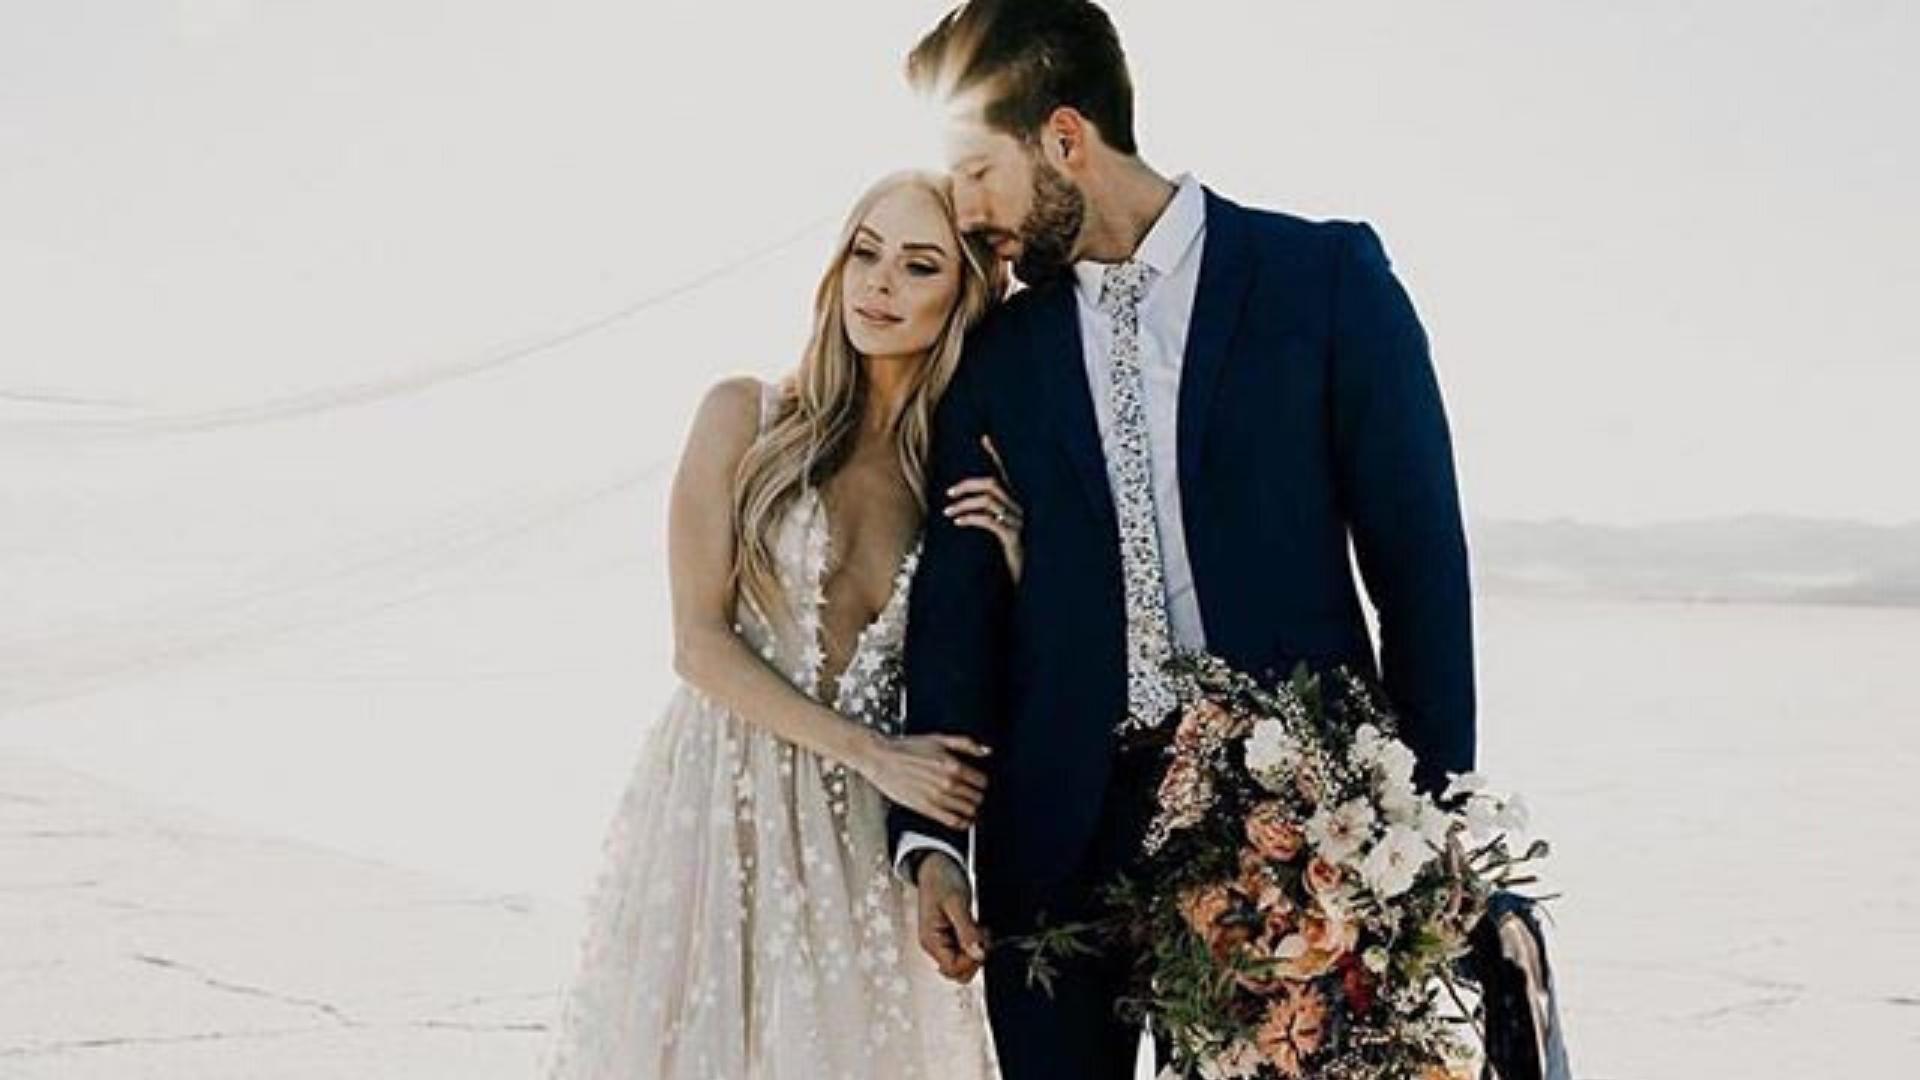 Compite con el hermano y paga más de 82 millones en la boda de su hija